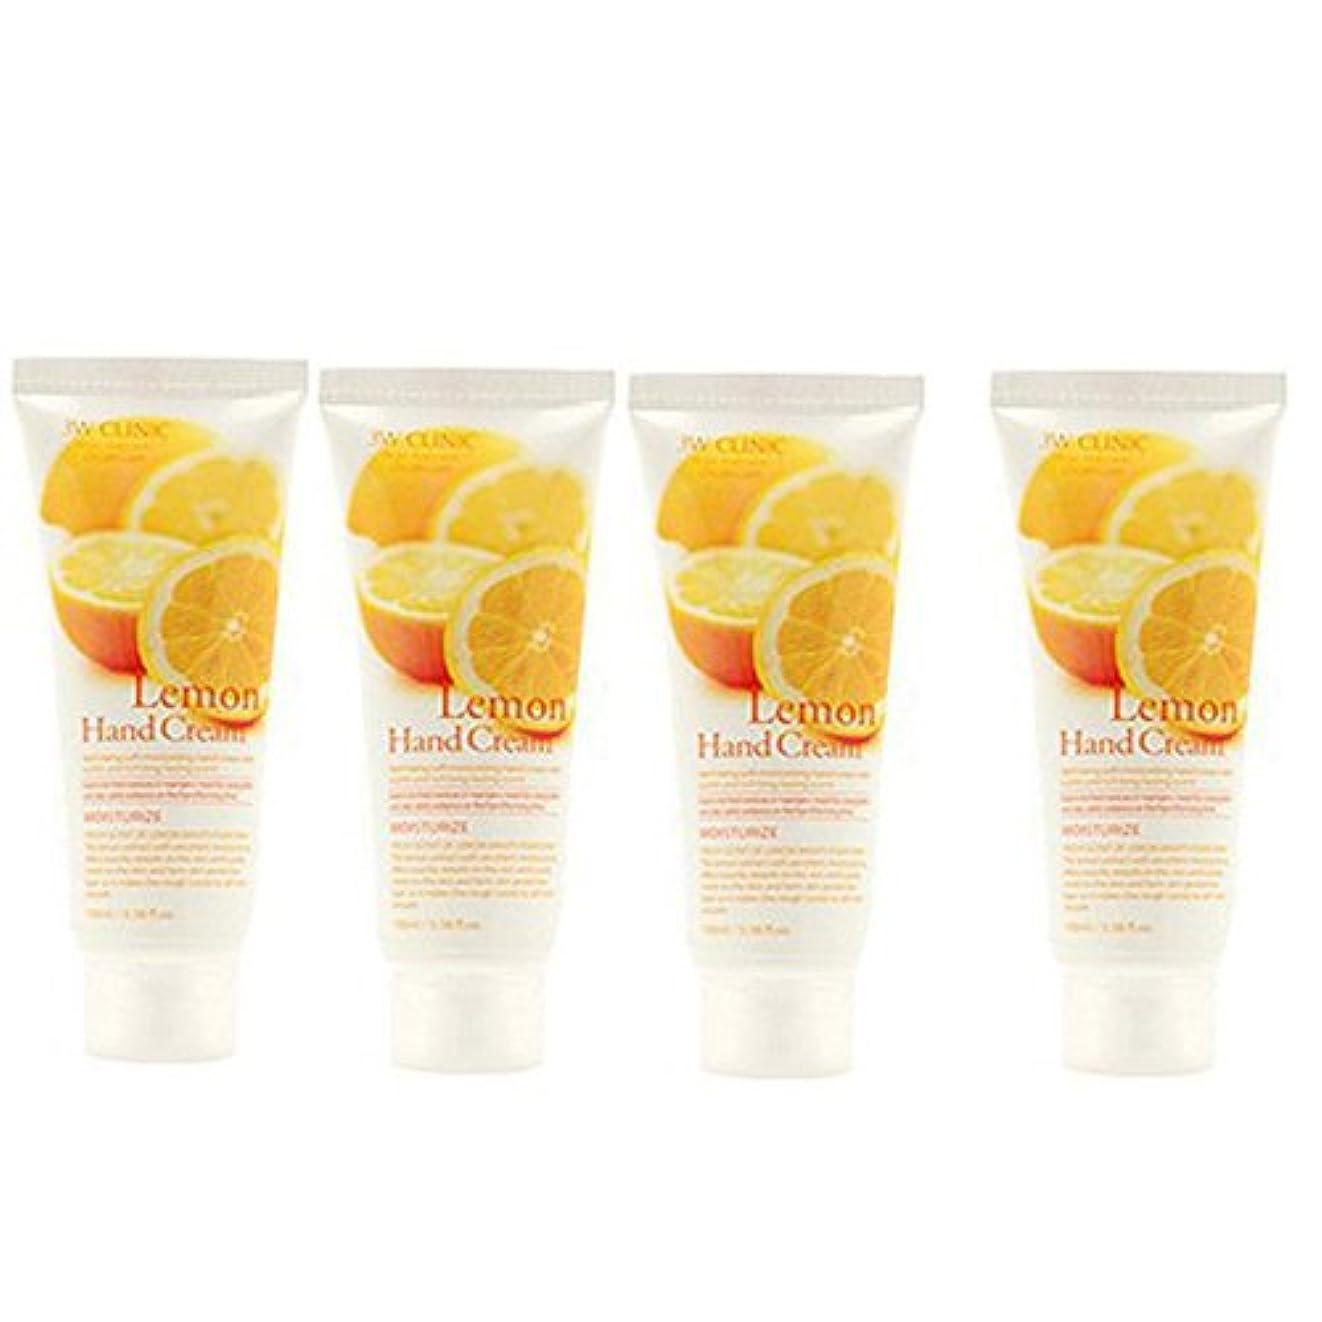 メキシコ無秩序谷3w Clinic[韓国コスメARRAHAN]Moisturizing Lemon Hand Cream モイスチャーリングレモンハンドクリーム100mlX4個 [並行輸入品]